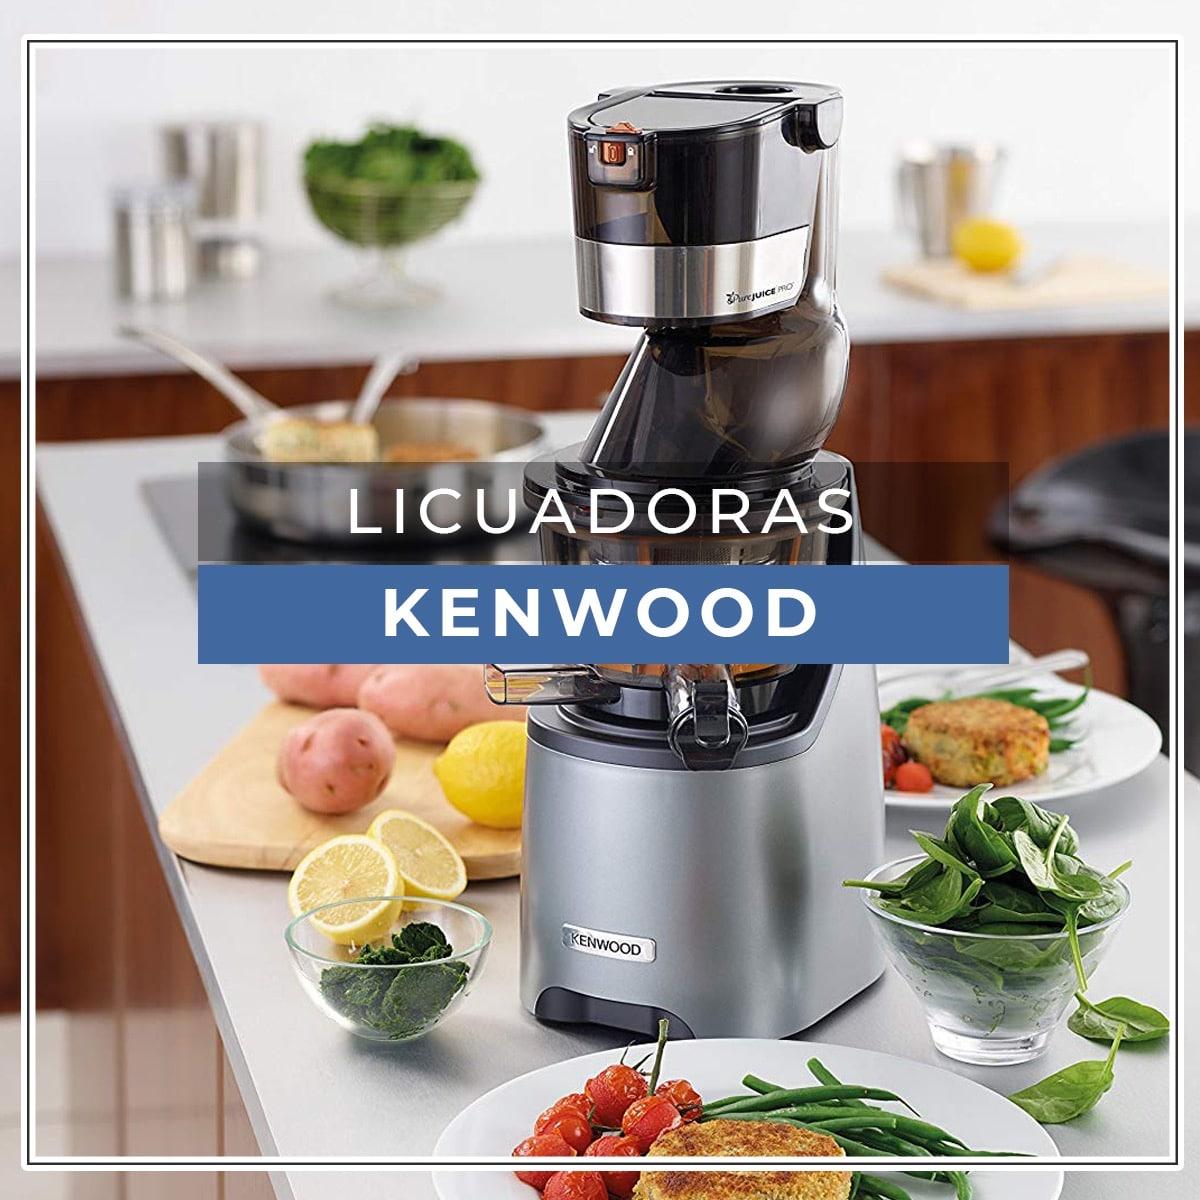 licuadora kenwood